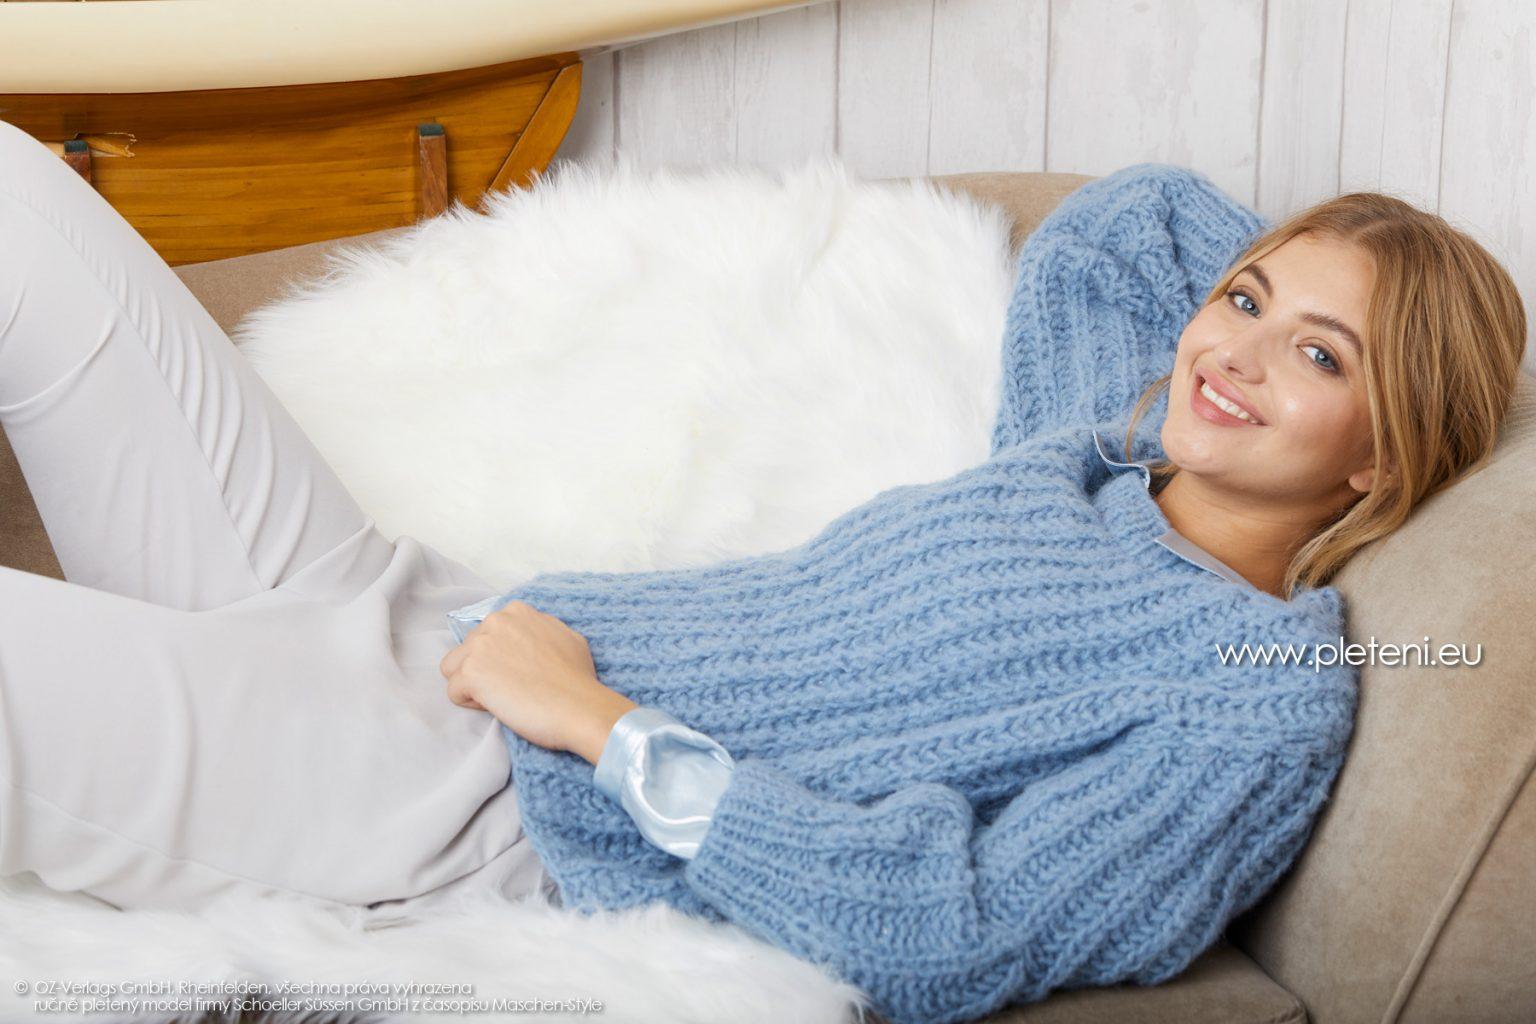 2019-Z-16 pletený dámský svetr z příze Alpaca Fluffy značky Austermann